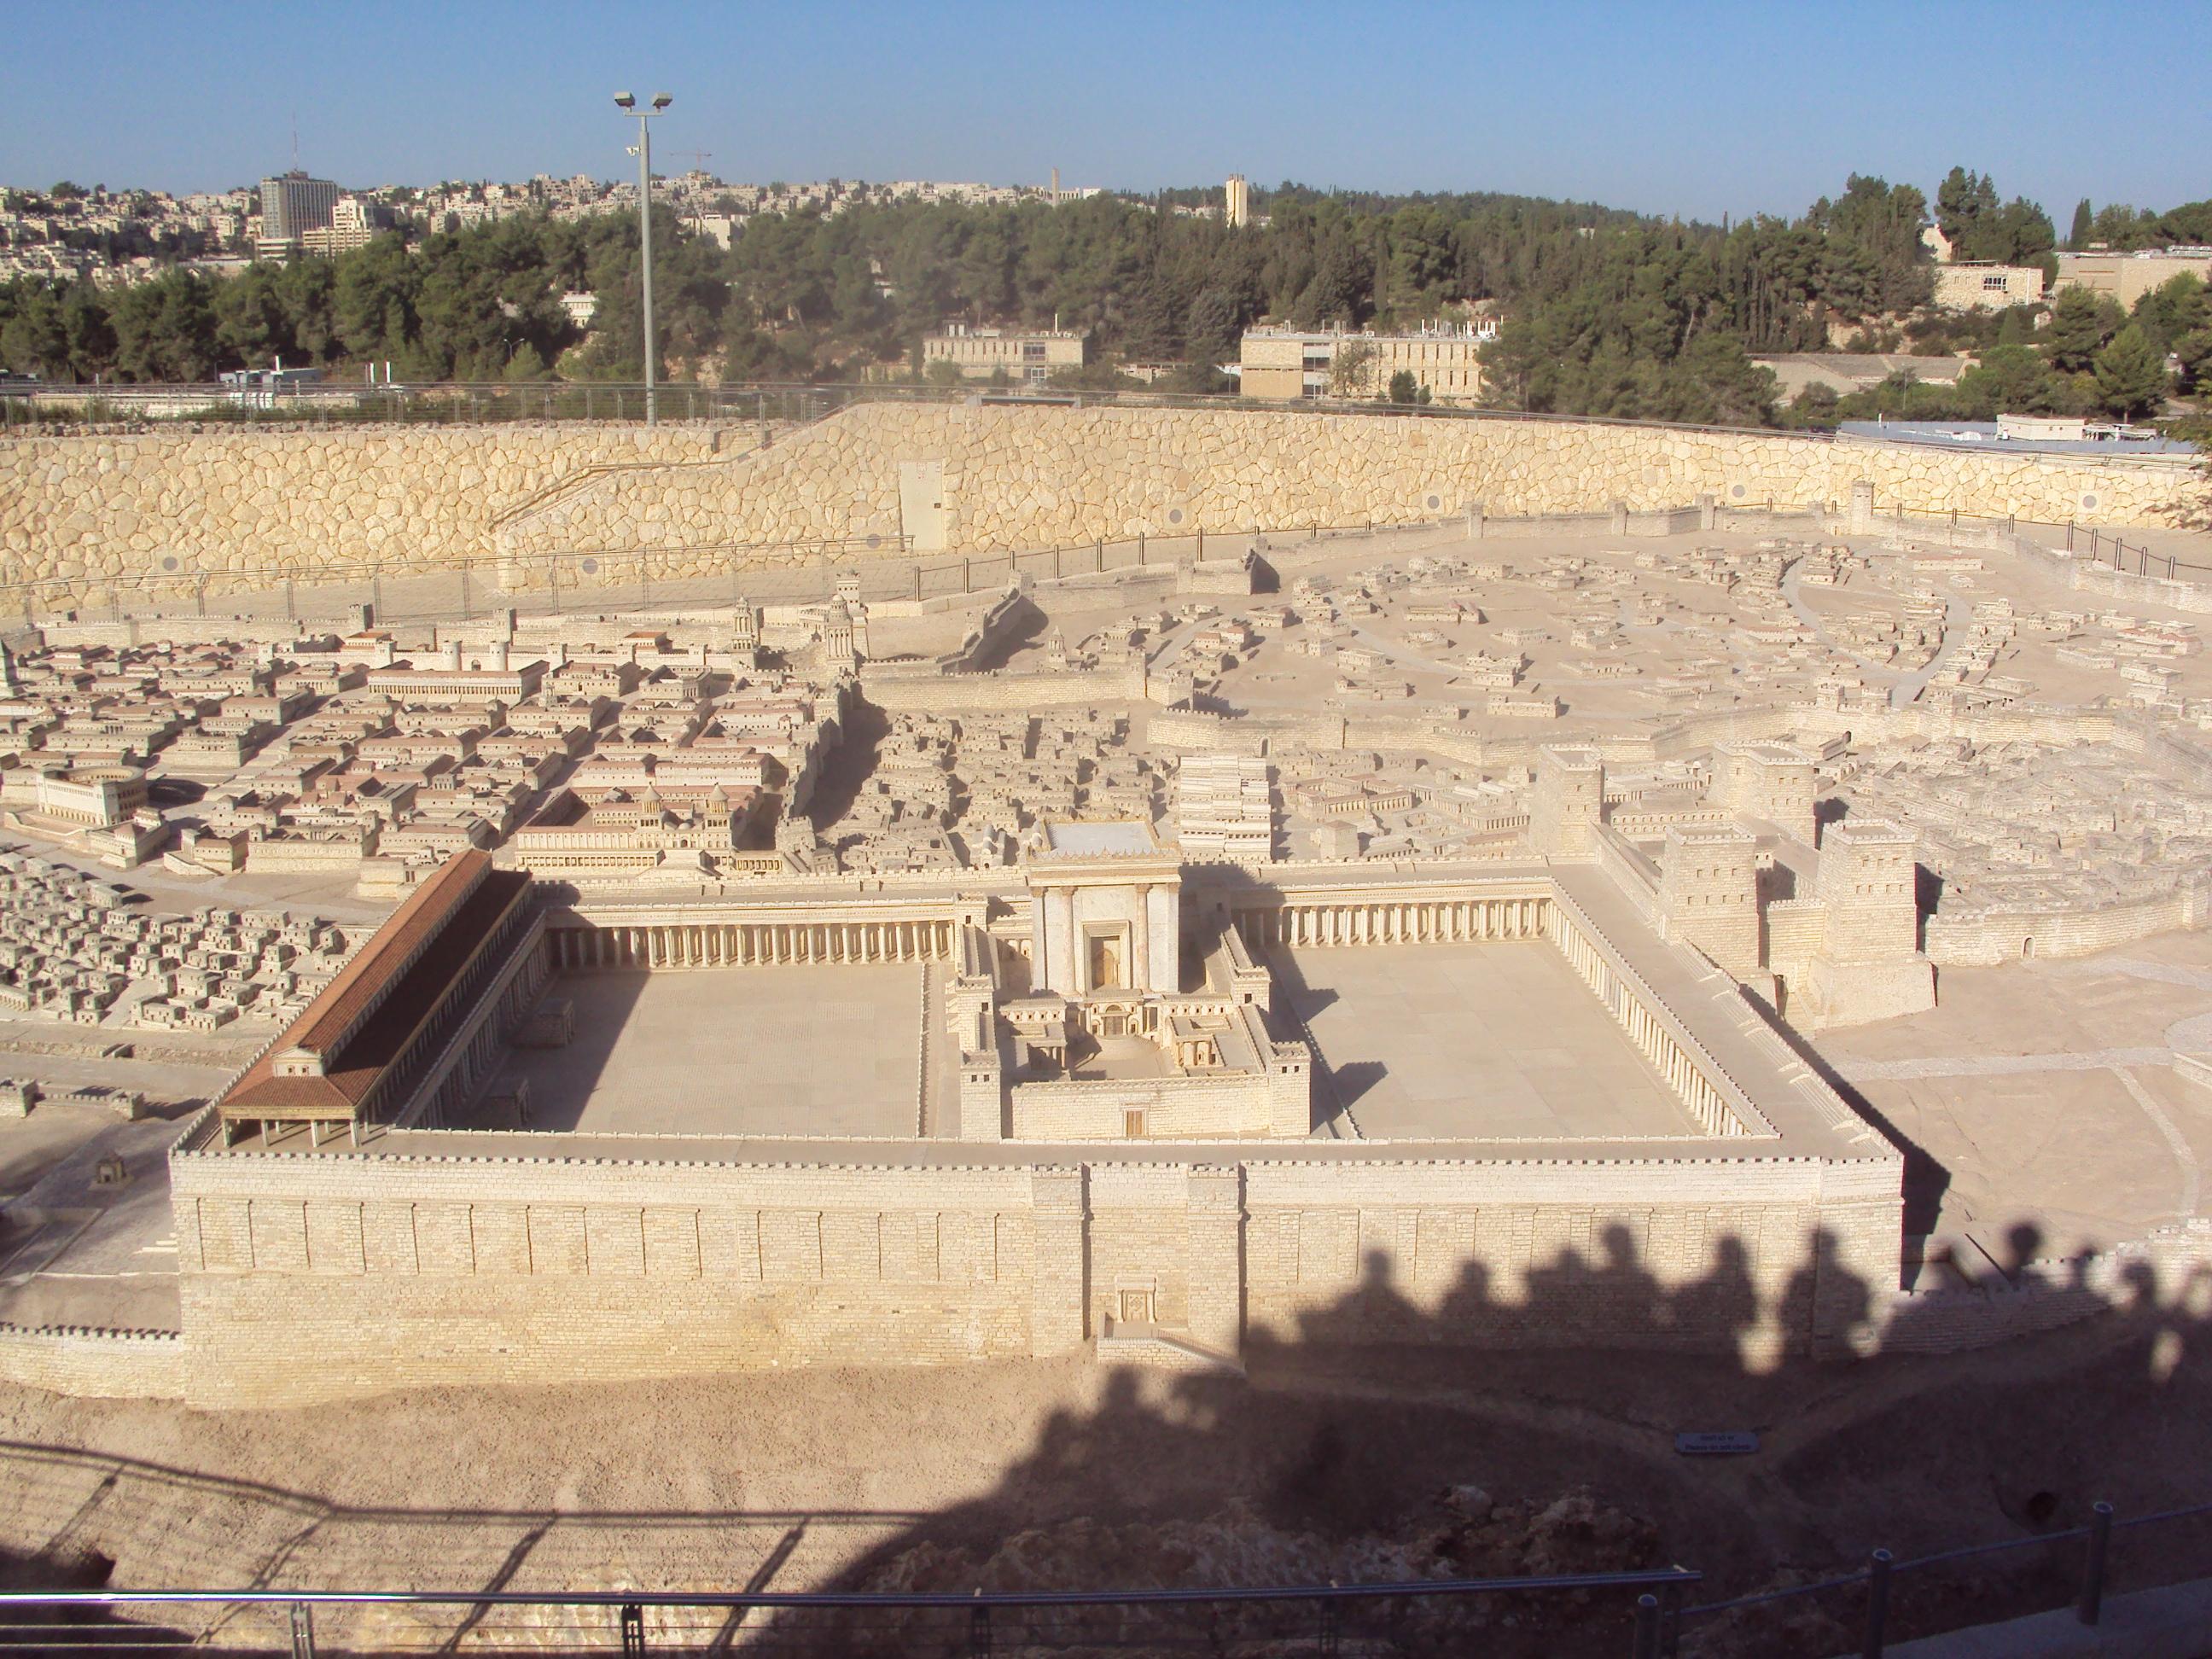 Le Temple de Jérusalem en miniature dans la reproduction de la ville de Jérusalem s'étendant sur une superficie de quelque 400 mètres carrés. Cette maquette restitue l'ancienne ville de Jérusalem telle qu'elle était à la veille de l'an 66 de l'ère chrétienne, année où éclata la Grande Révolte contre les Romains qui se solda par la destruction de la ville et du Temple. Elle se trouve dans le parc du Musée d'Israël près du Sanctuaire du Livre (Crédits photo : H. Giguère).